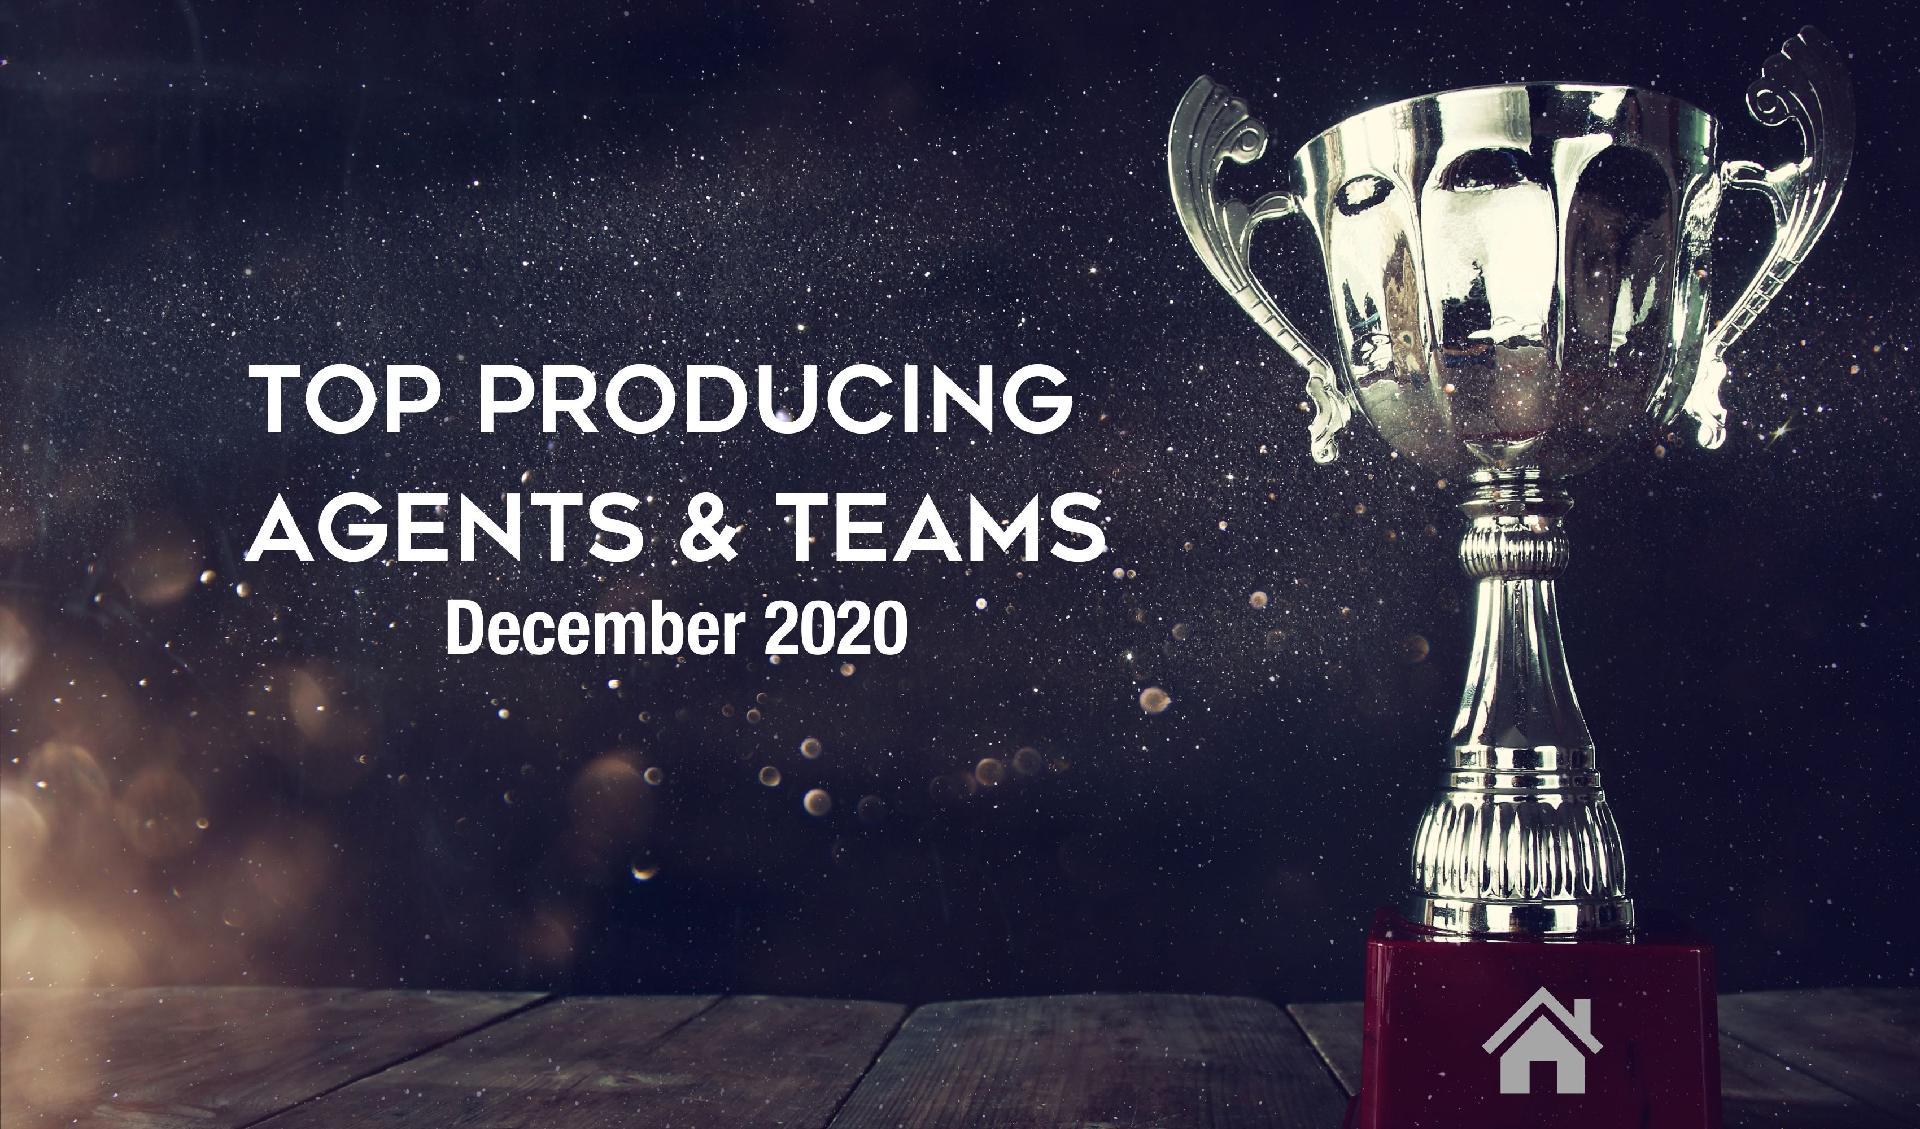 CONGRATULATIONS Top Agents & Teams! - December 2020 Main Photo